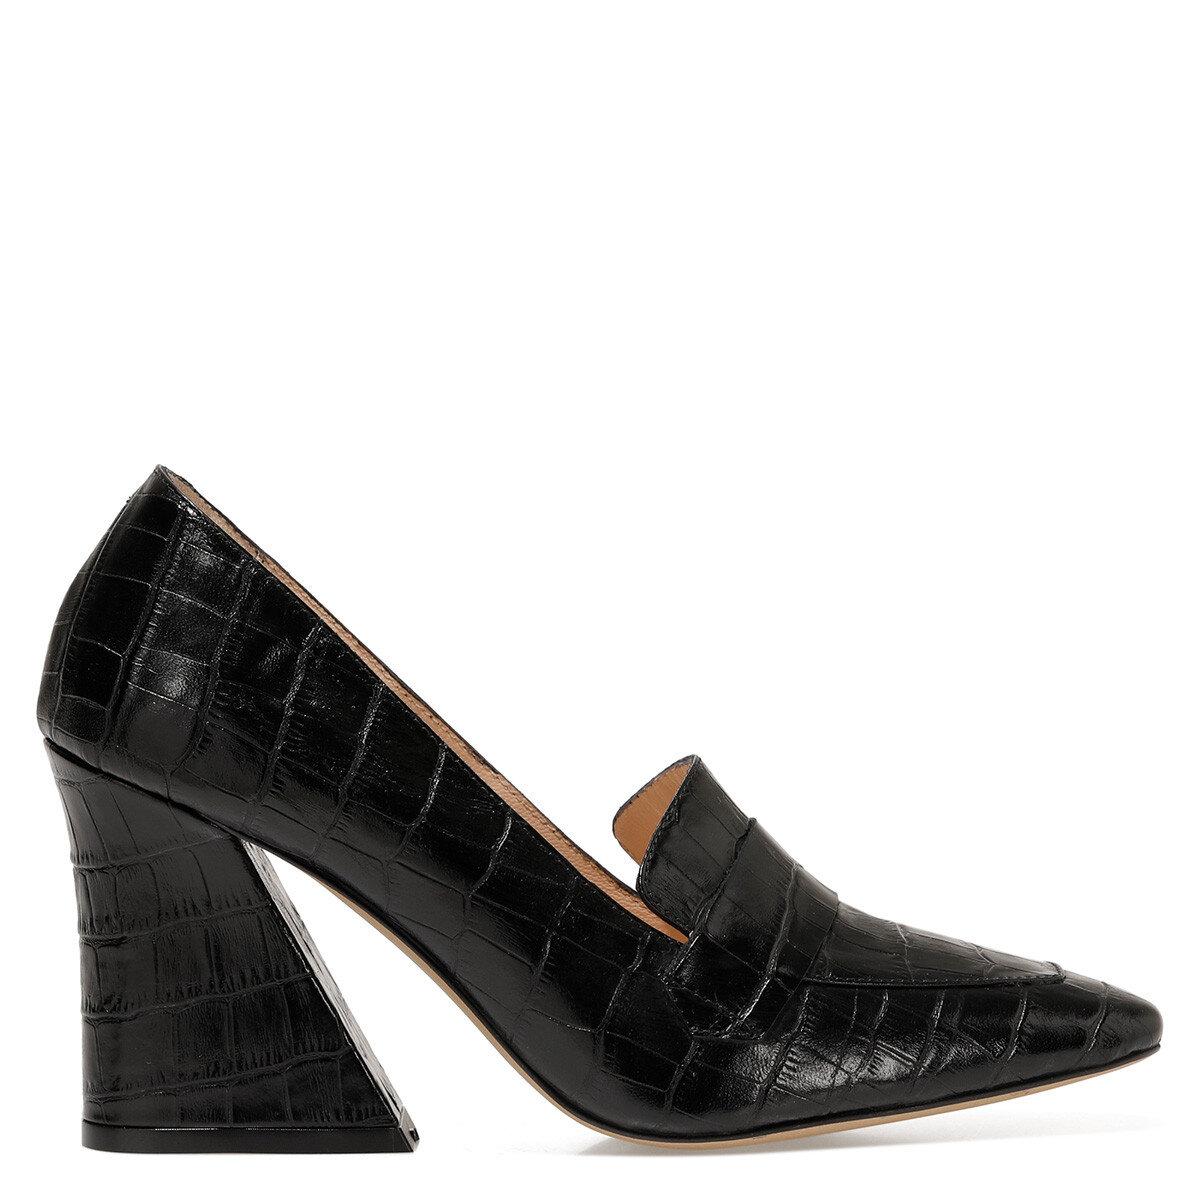 MALITTA Siyah Kadın Gova Ayakkabı